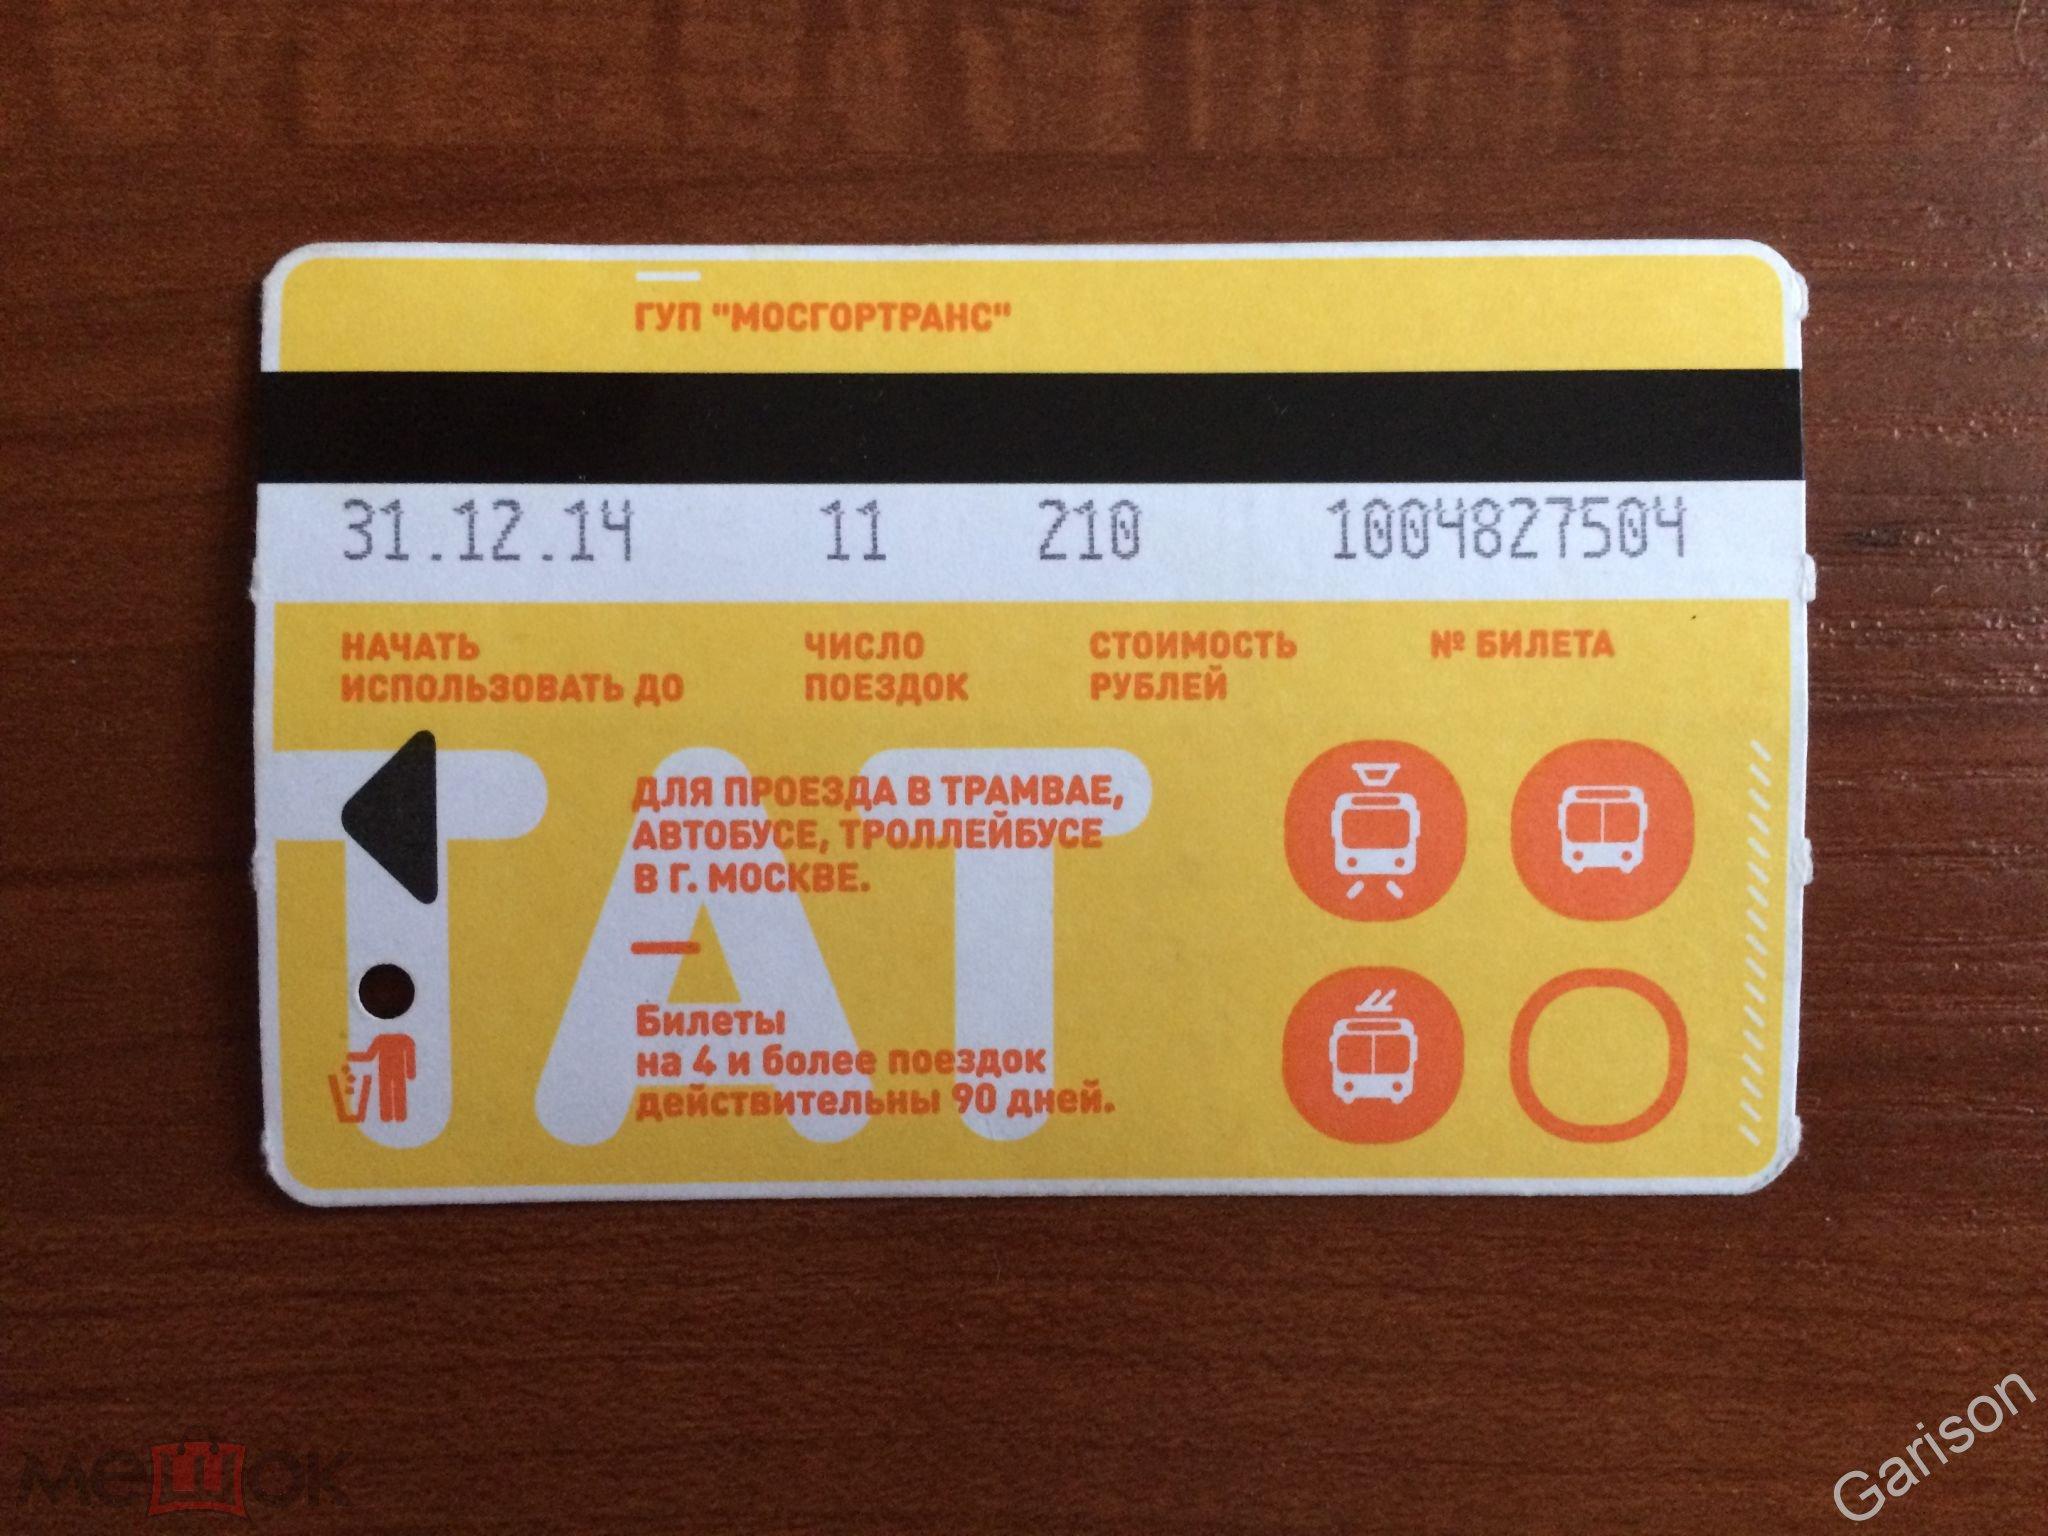 Билет Мосгортранс 11 поездок 210 руб начать использовать до 31.12.14